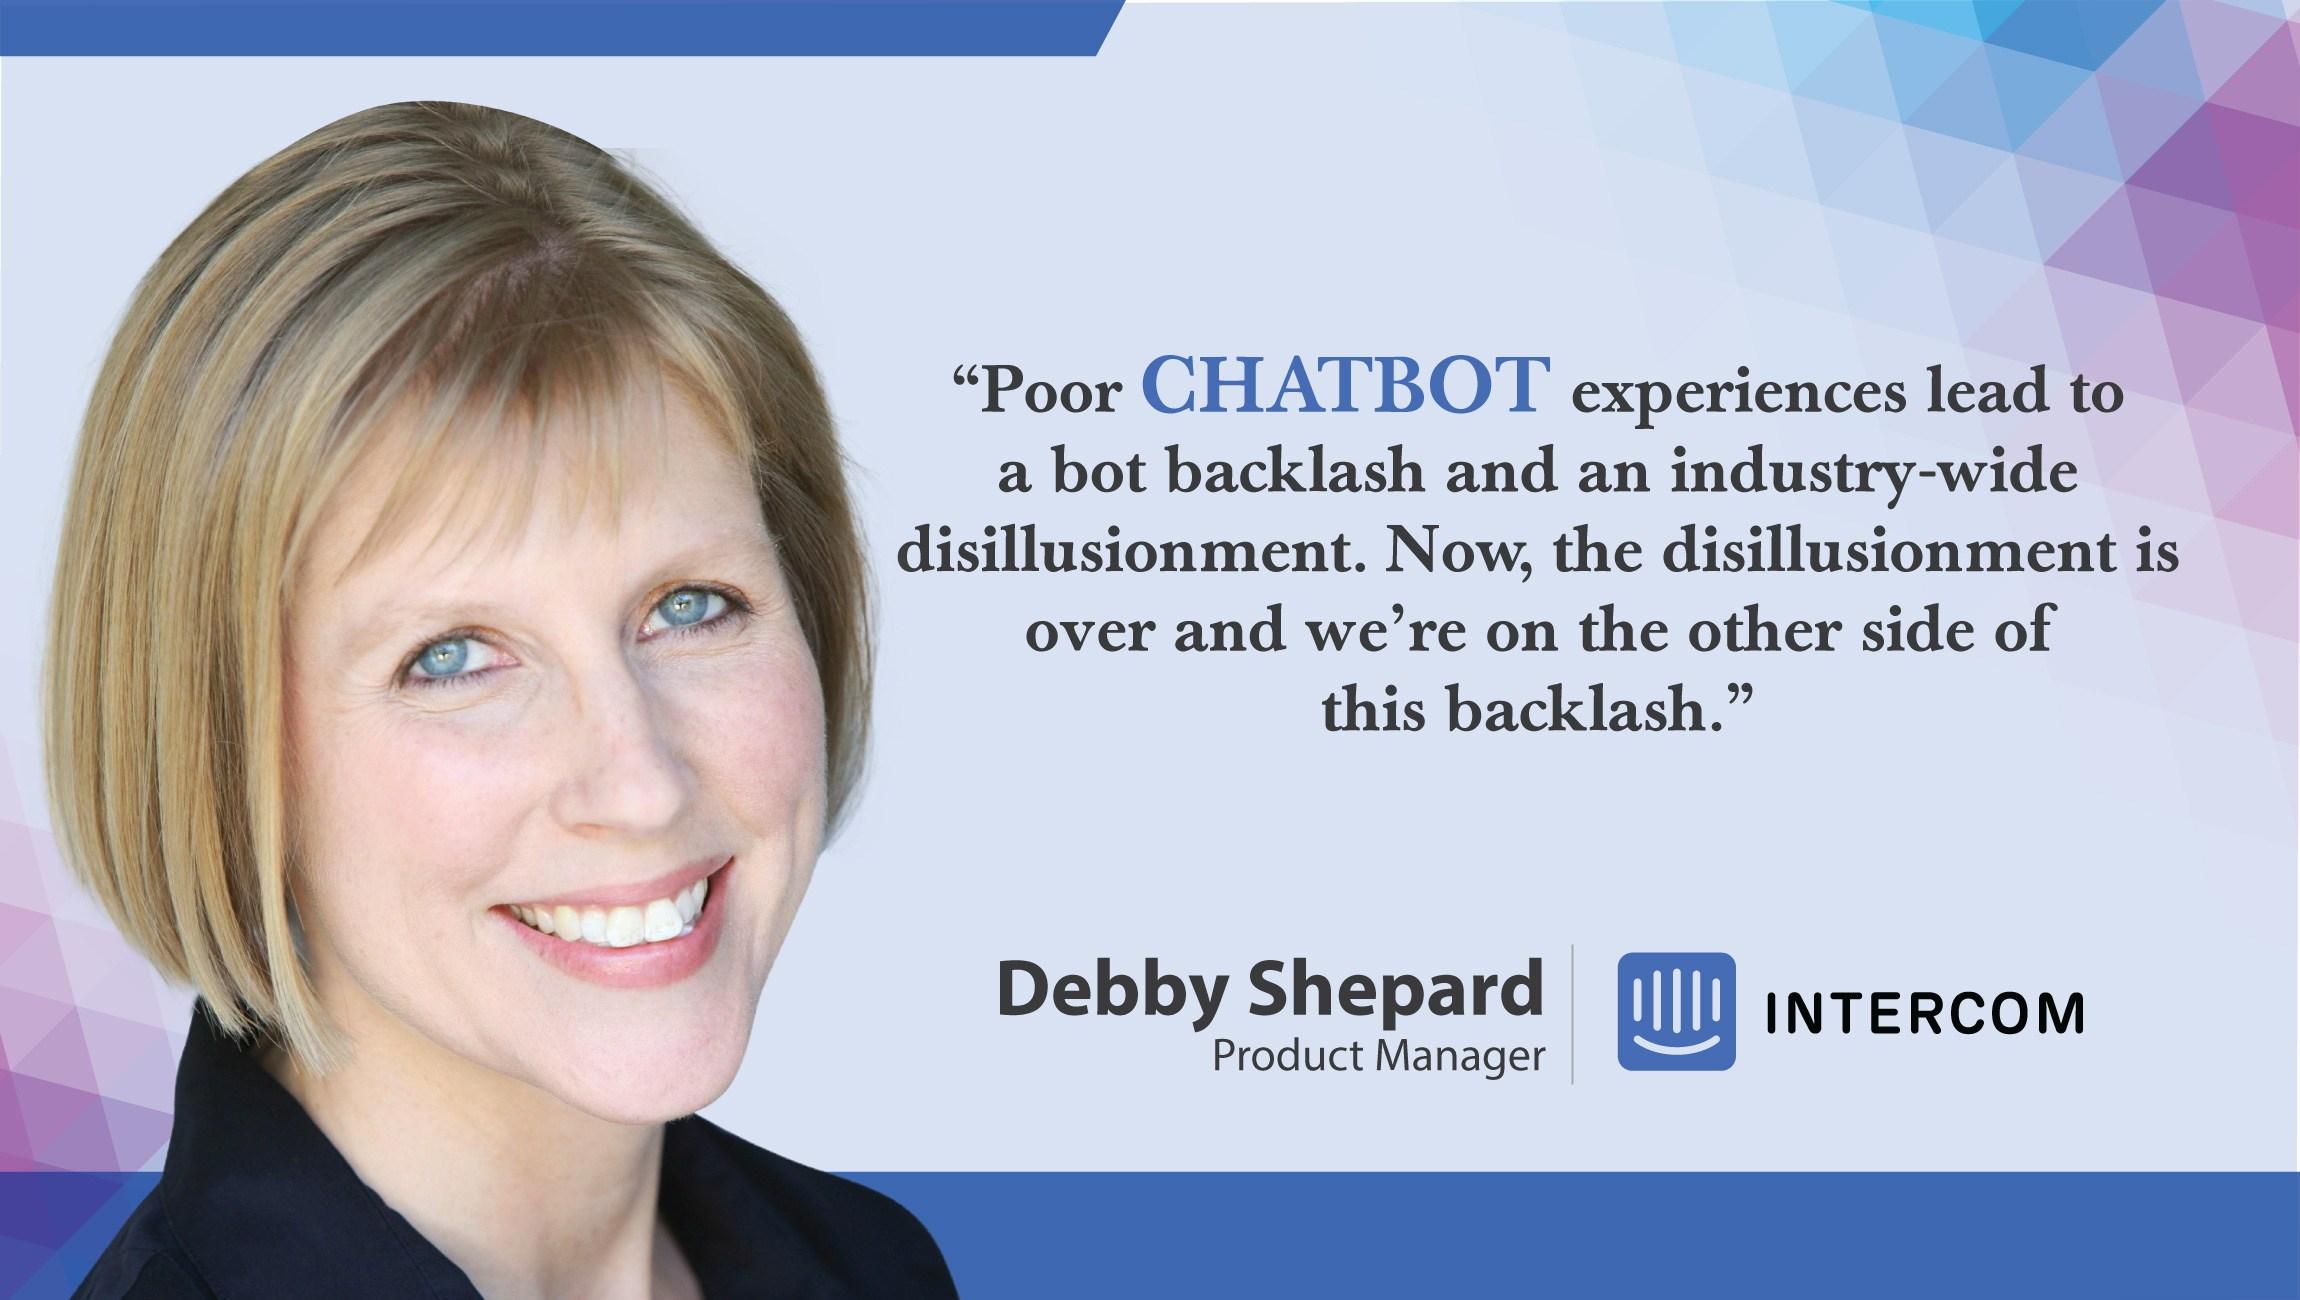 Debby Shepard